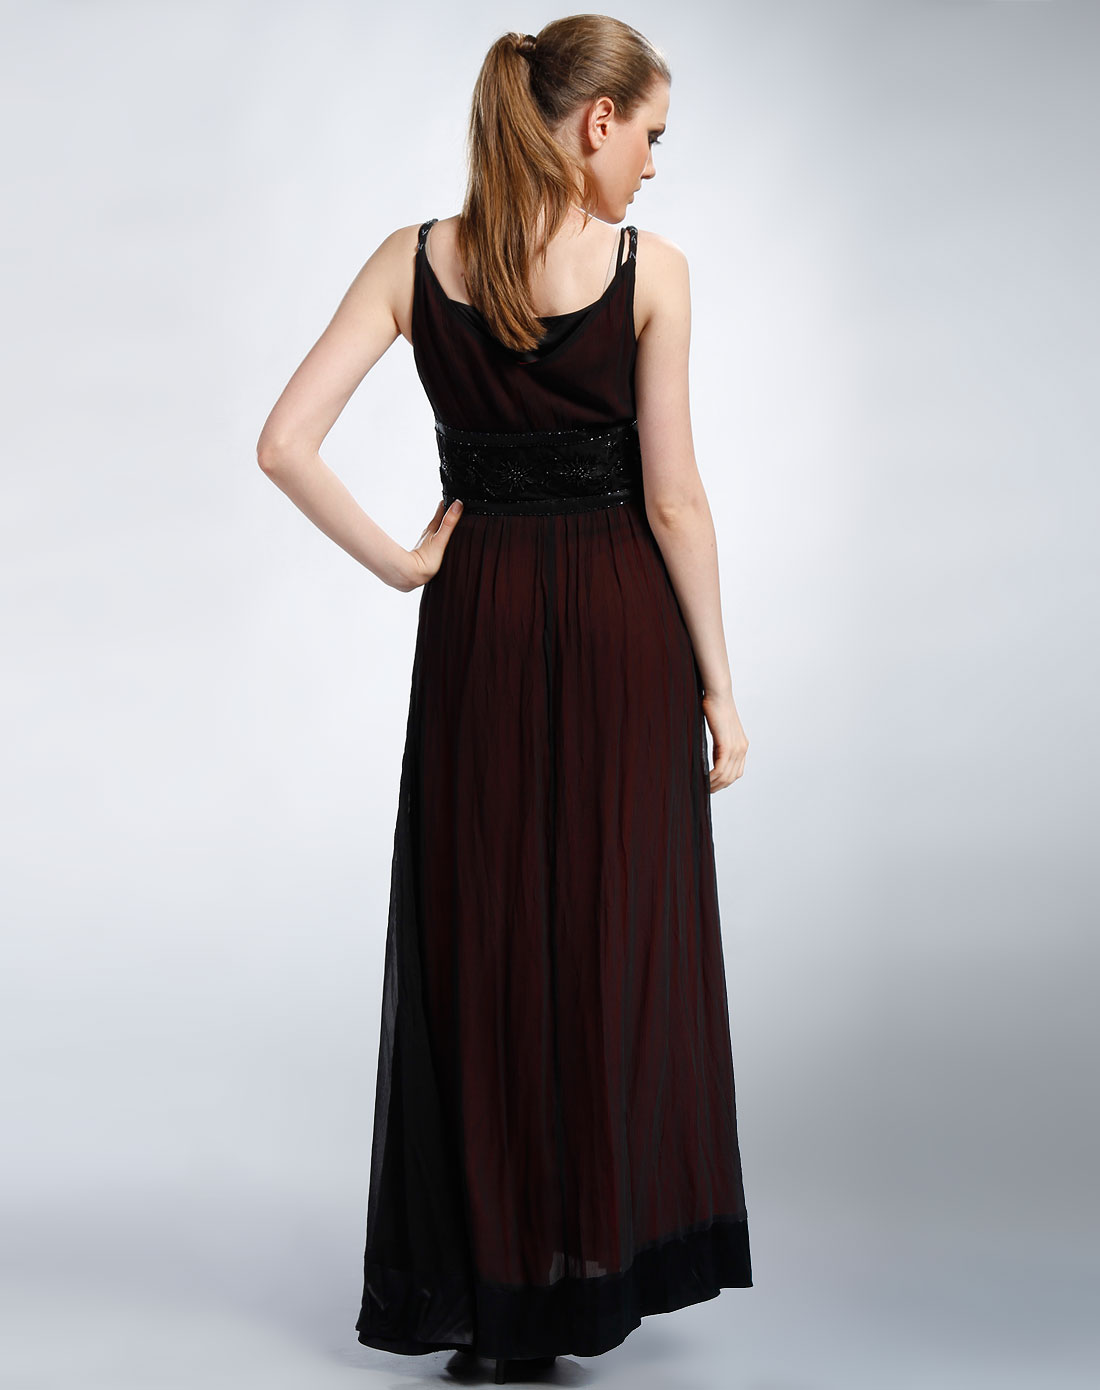 裙黑�_黑/红色无袖连衣裙